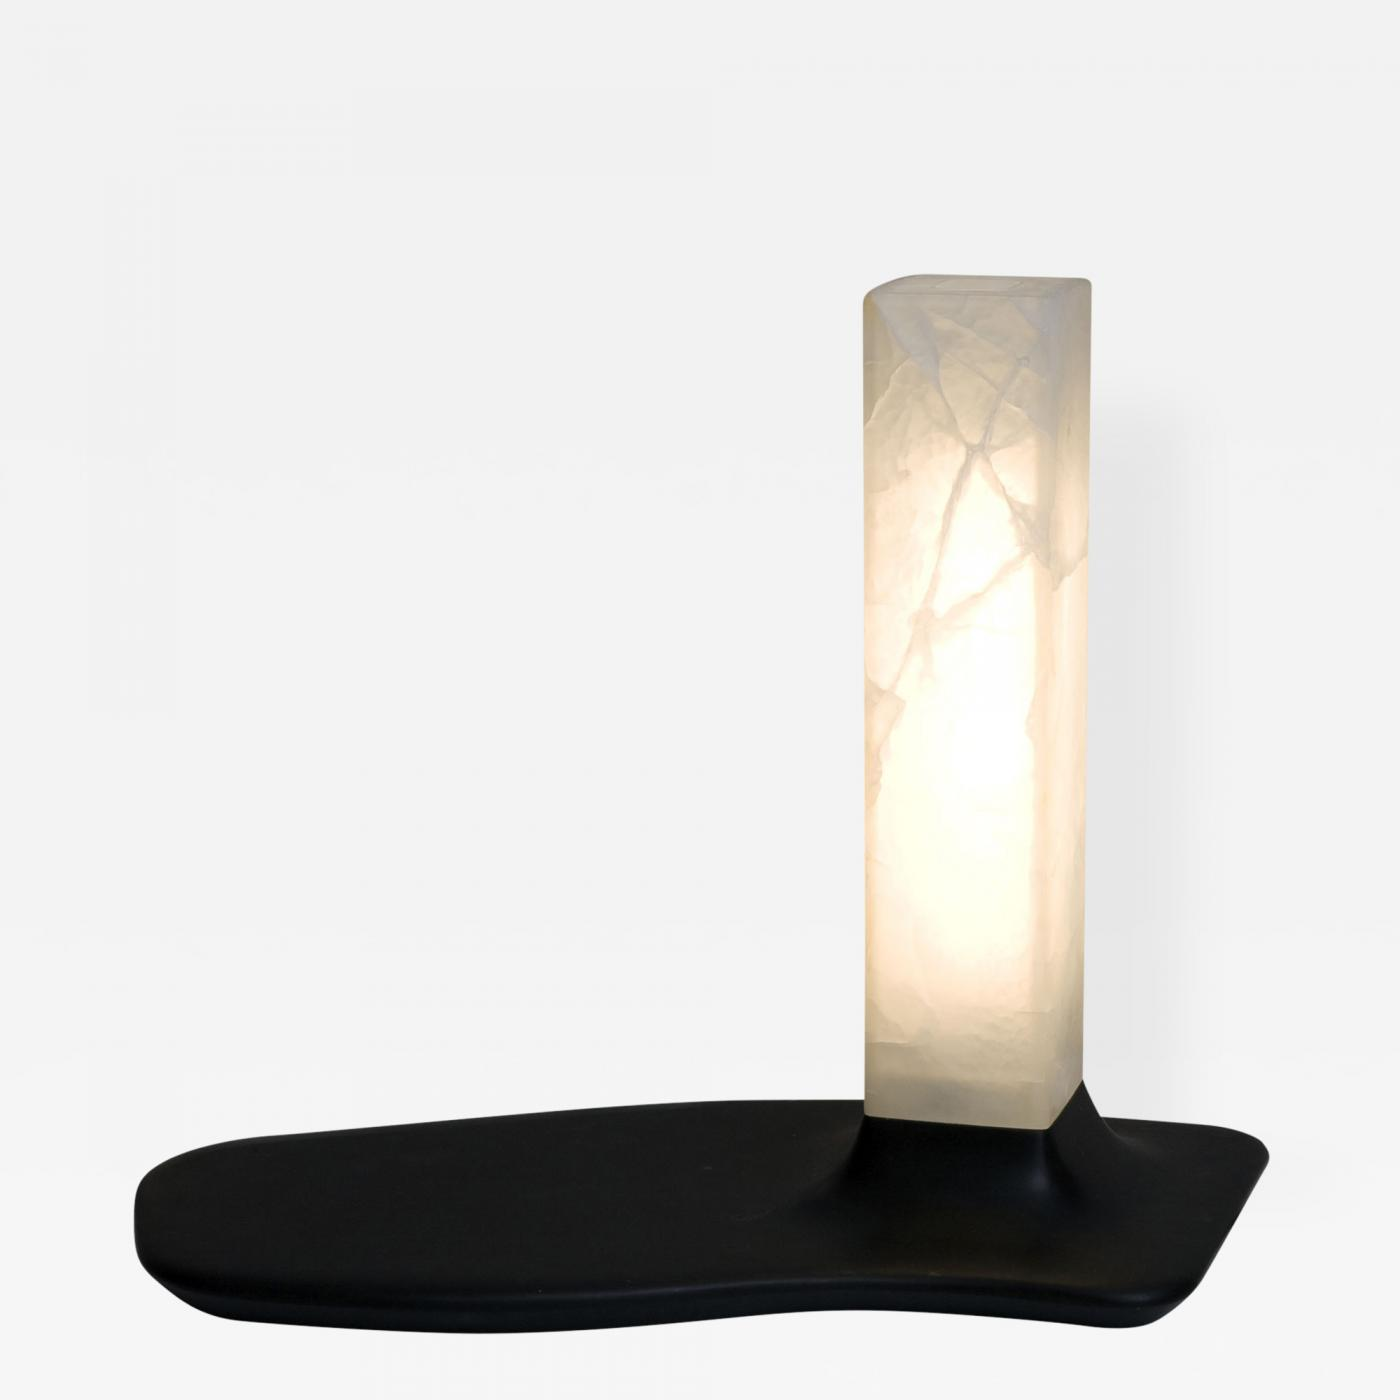 Adrien De Melo - Colosse Table Lamps by Adrien De Melo | 1400 x 1400 jpeg 49kB